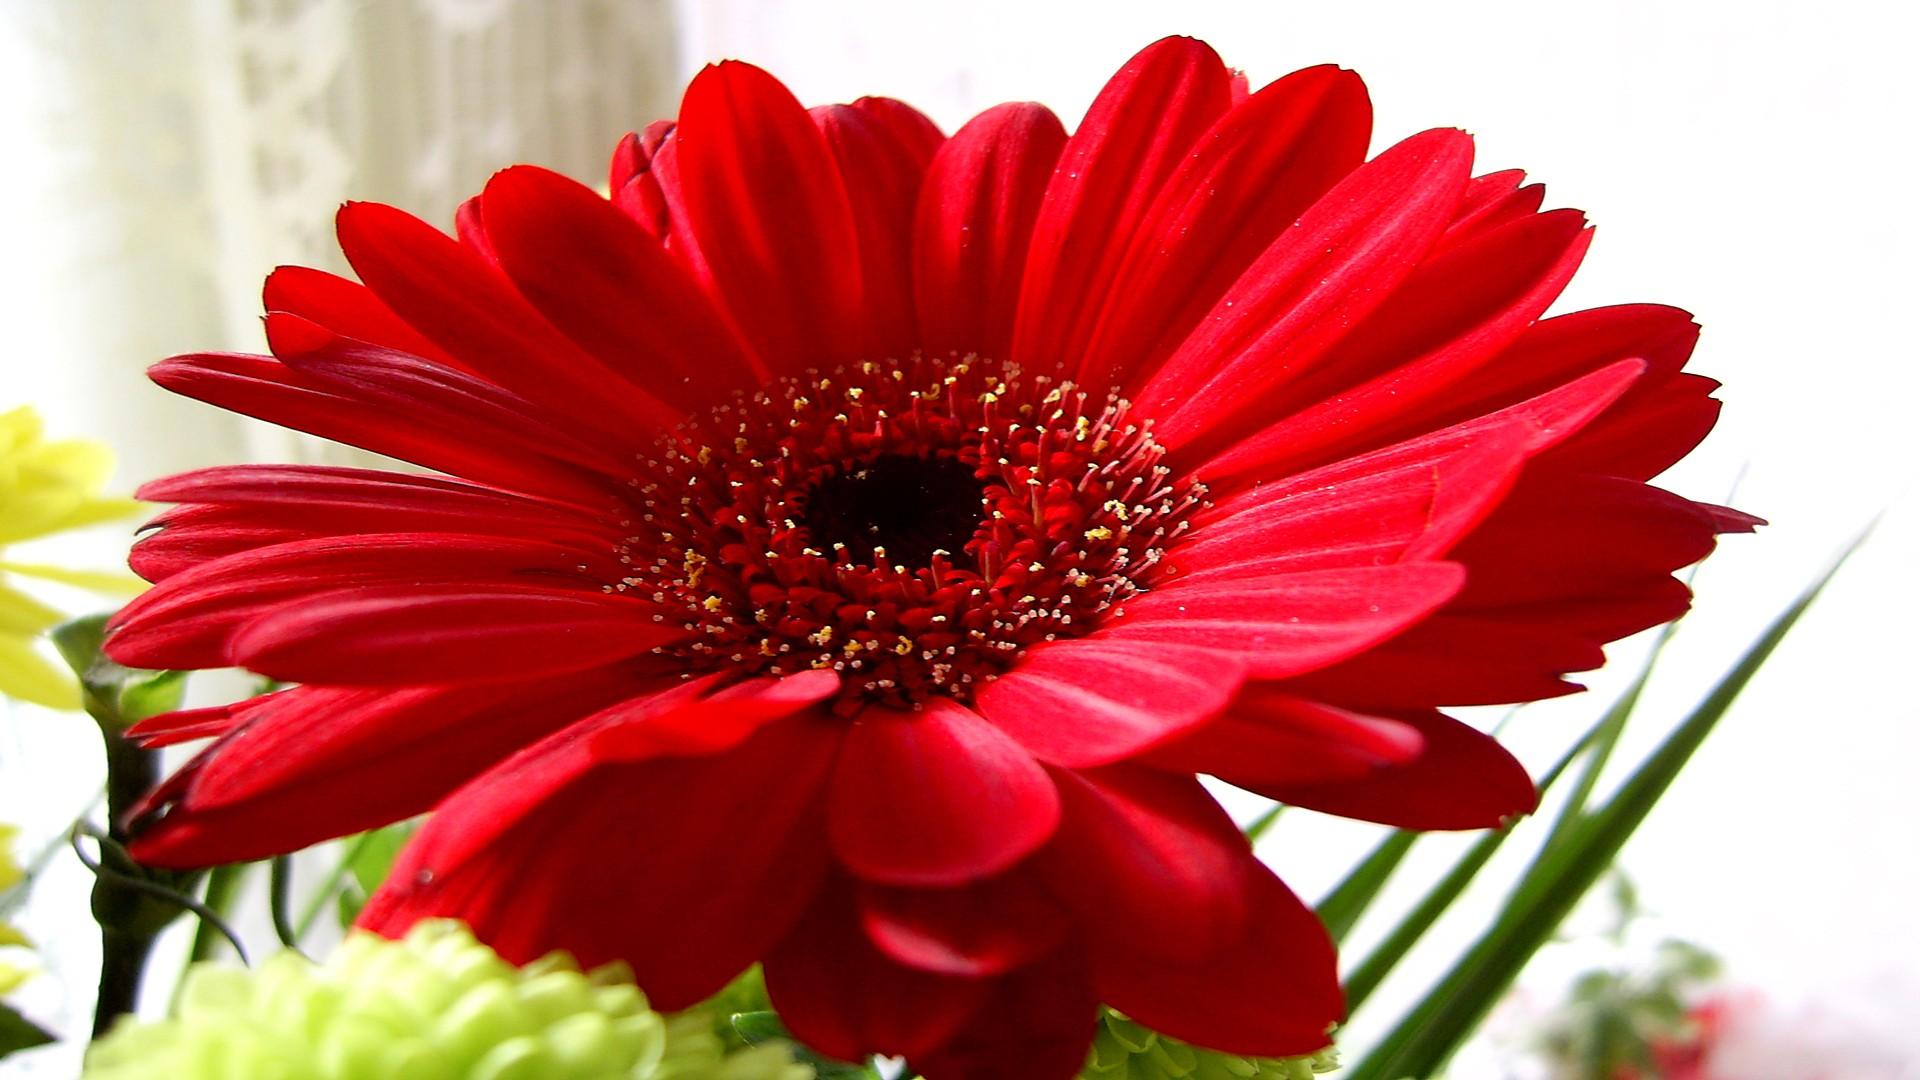 natural flower picture for wallpaper wallpapersafari